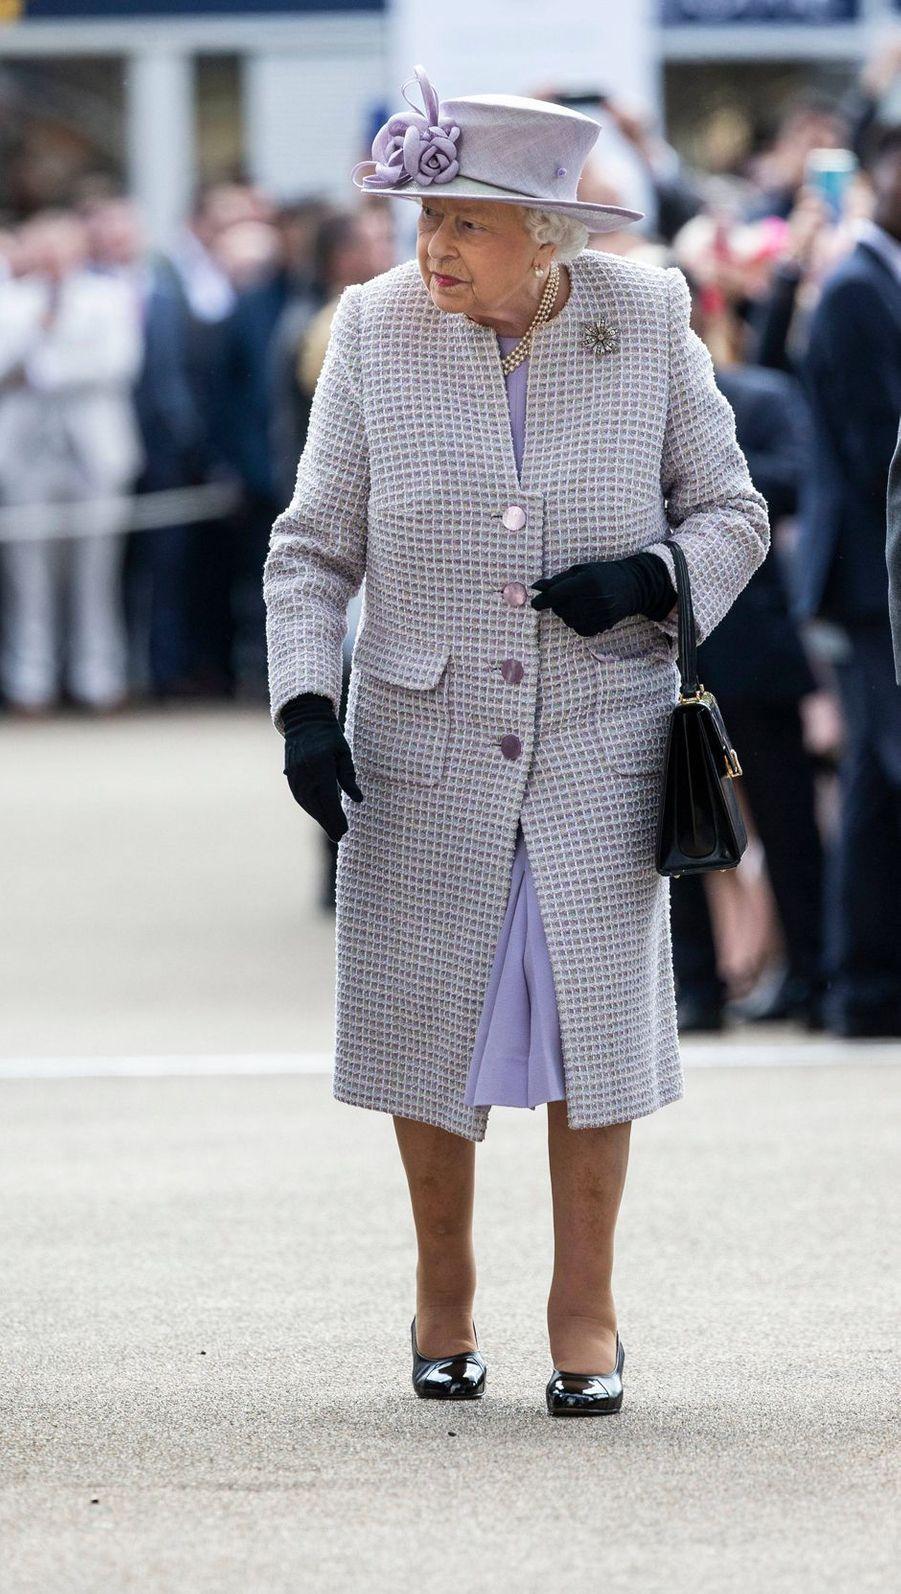 La reine Elizabeth II, dans une tenue lilas, sur l'hippodrome d'Ascot, le 19 octobre 2019